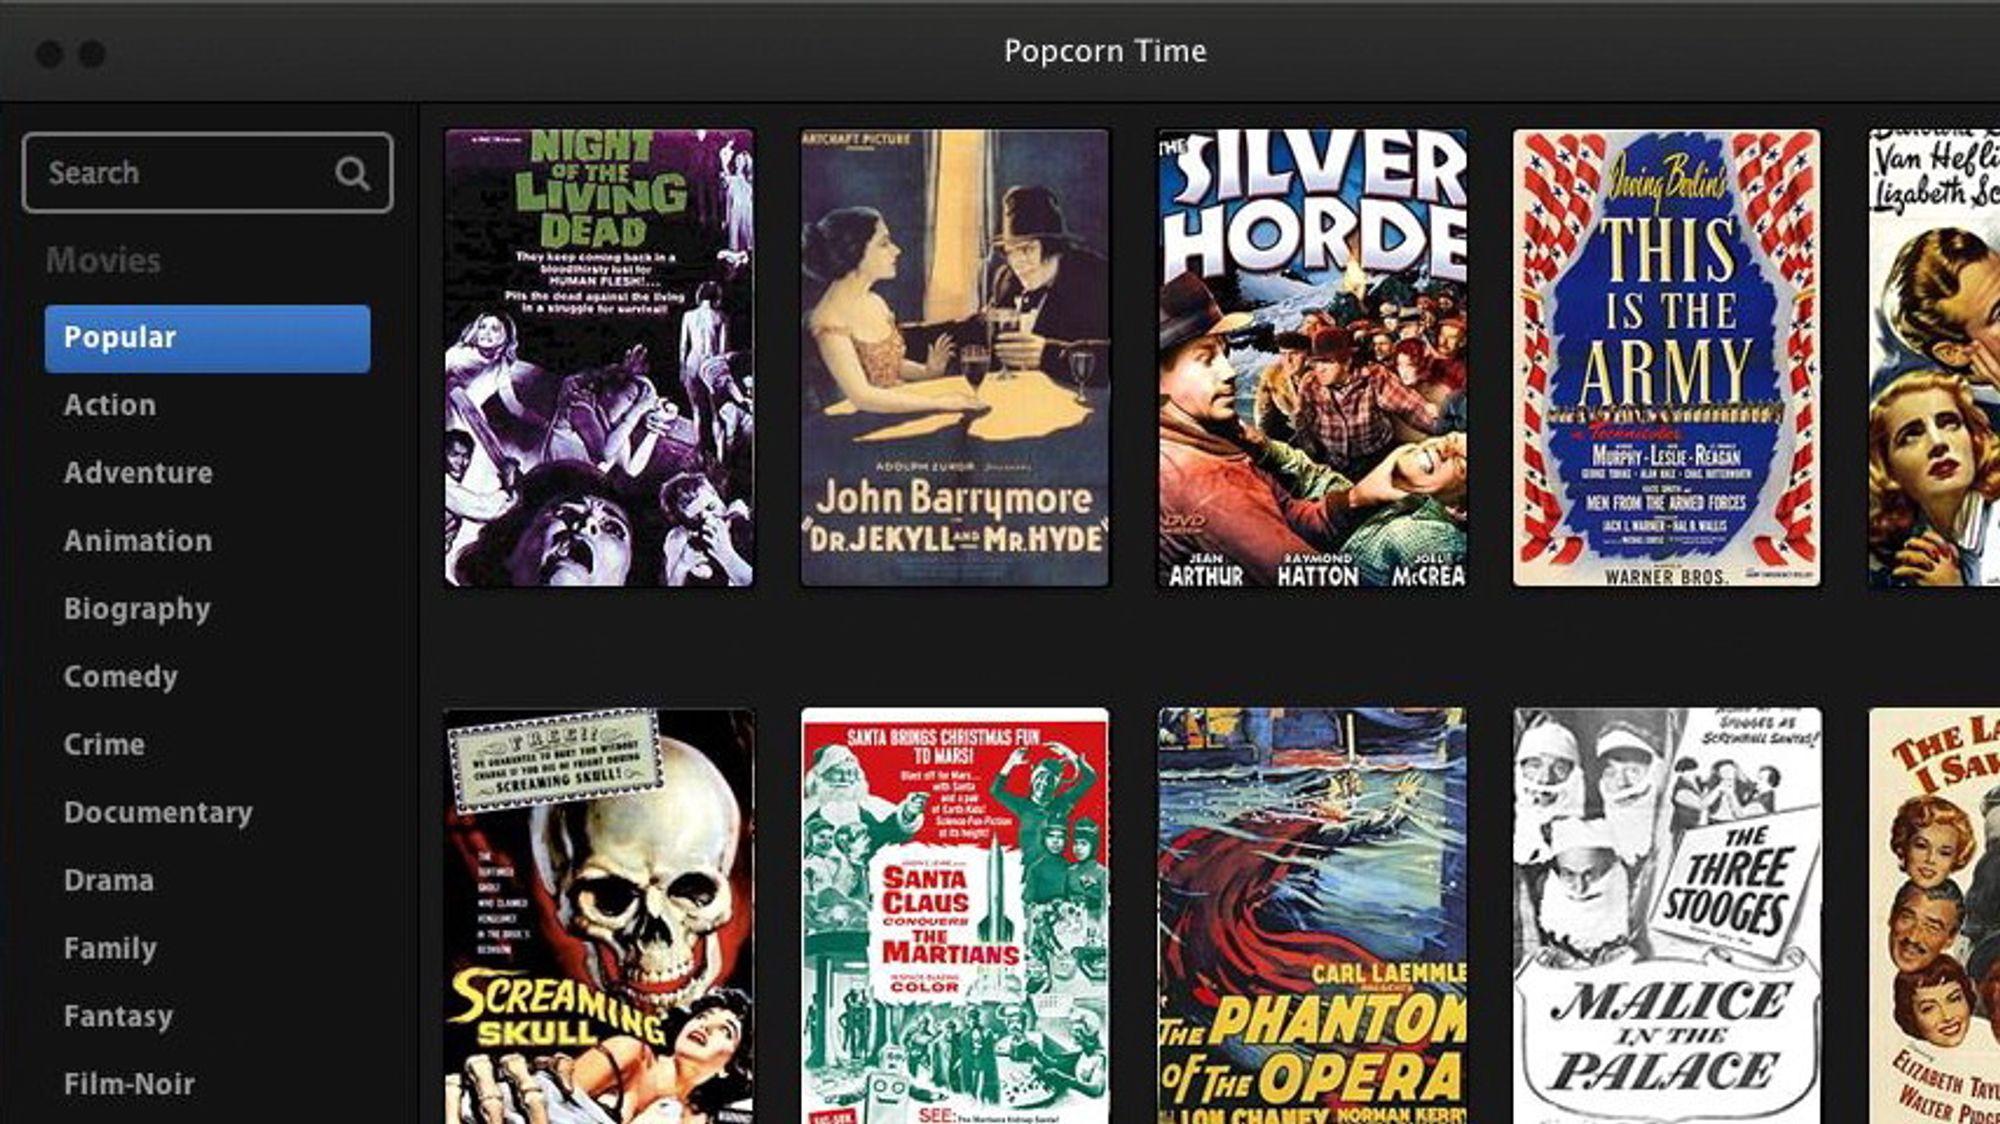 Den nye strømmetjenesten «Popcorn Time» gjør det mulig å strømme torrentfiler og har et enkelt brukergrensesnitt.